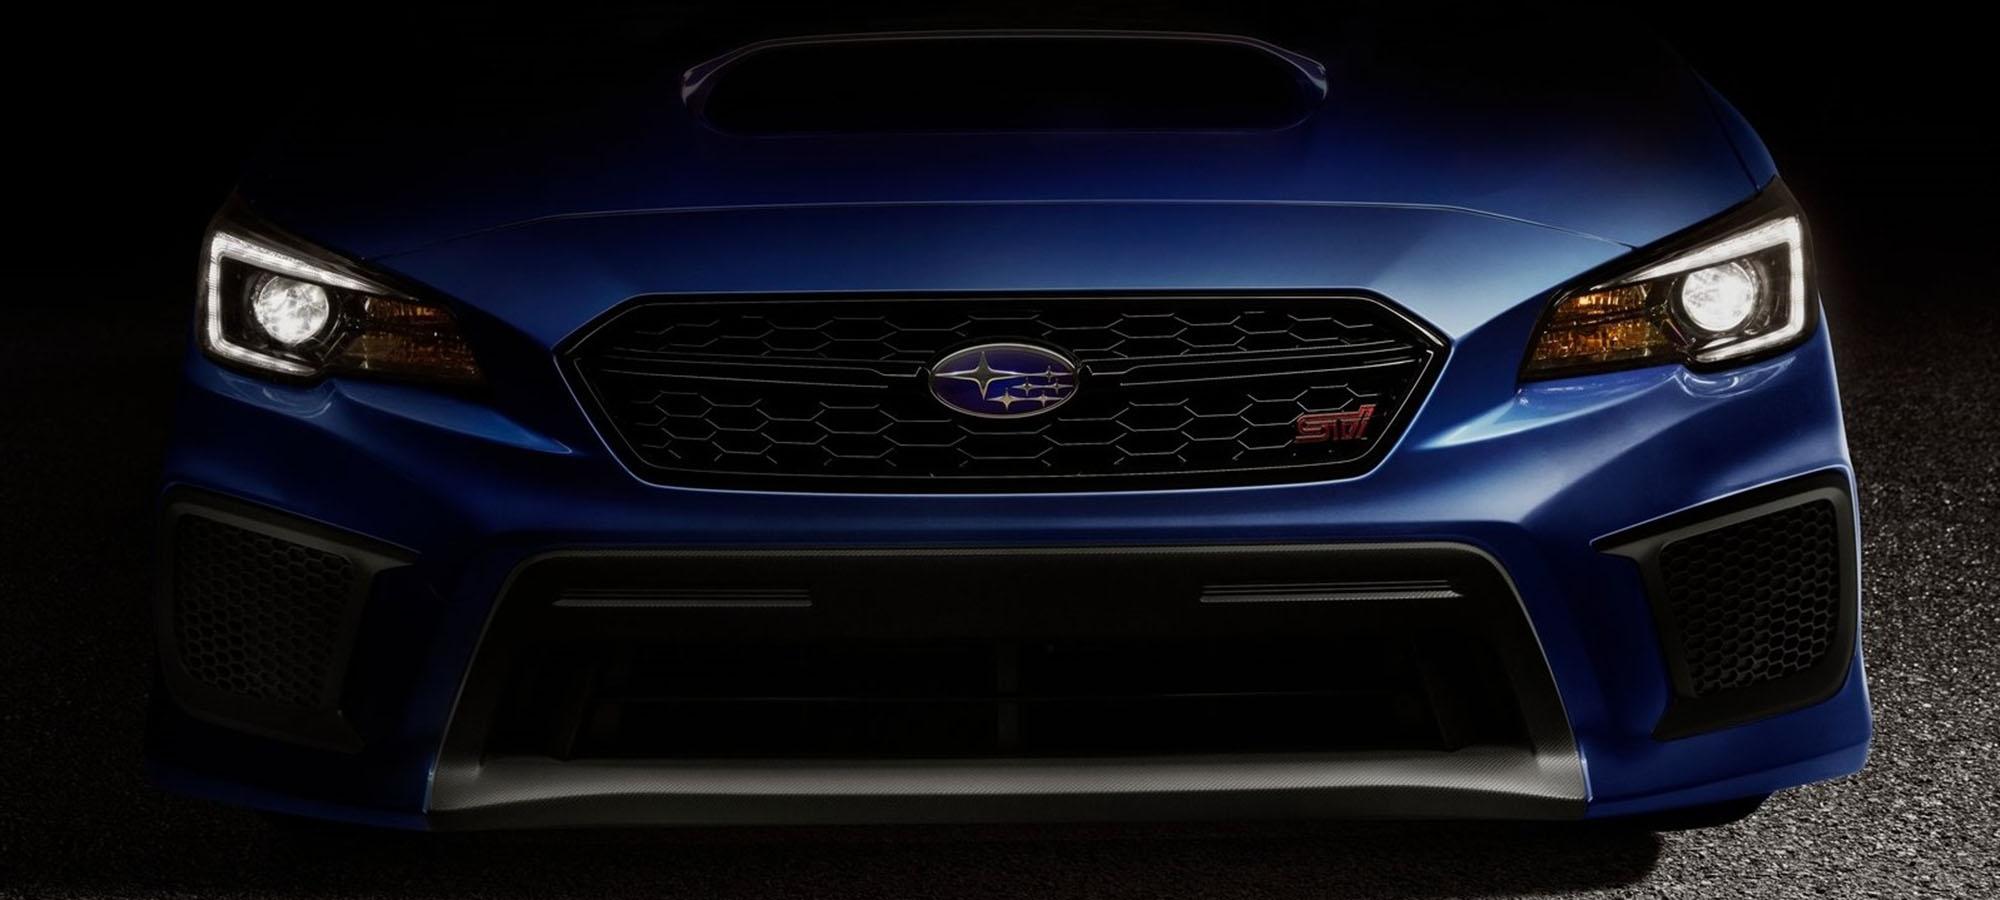 Τι καλό μας ετοιμάζει η Toyota σε συνεργασία με τη Subaru;